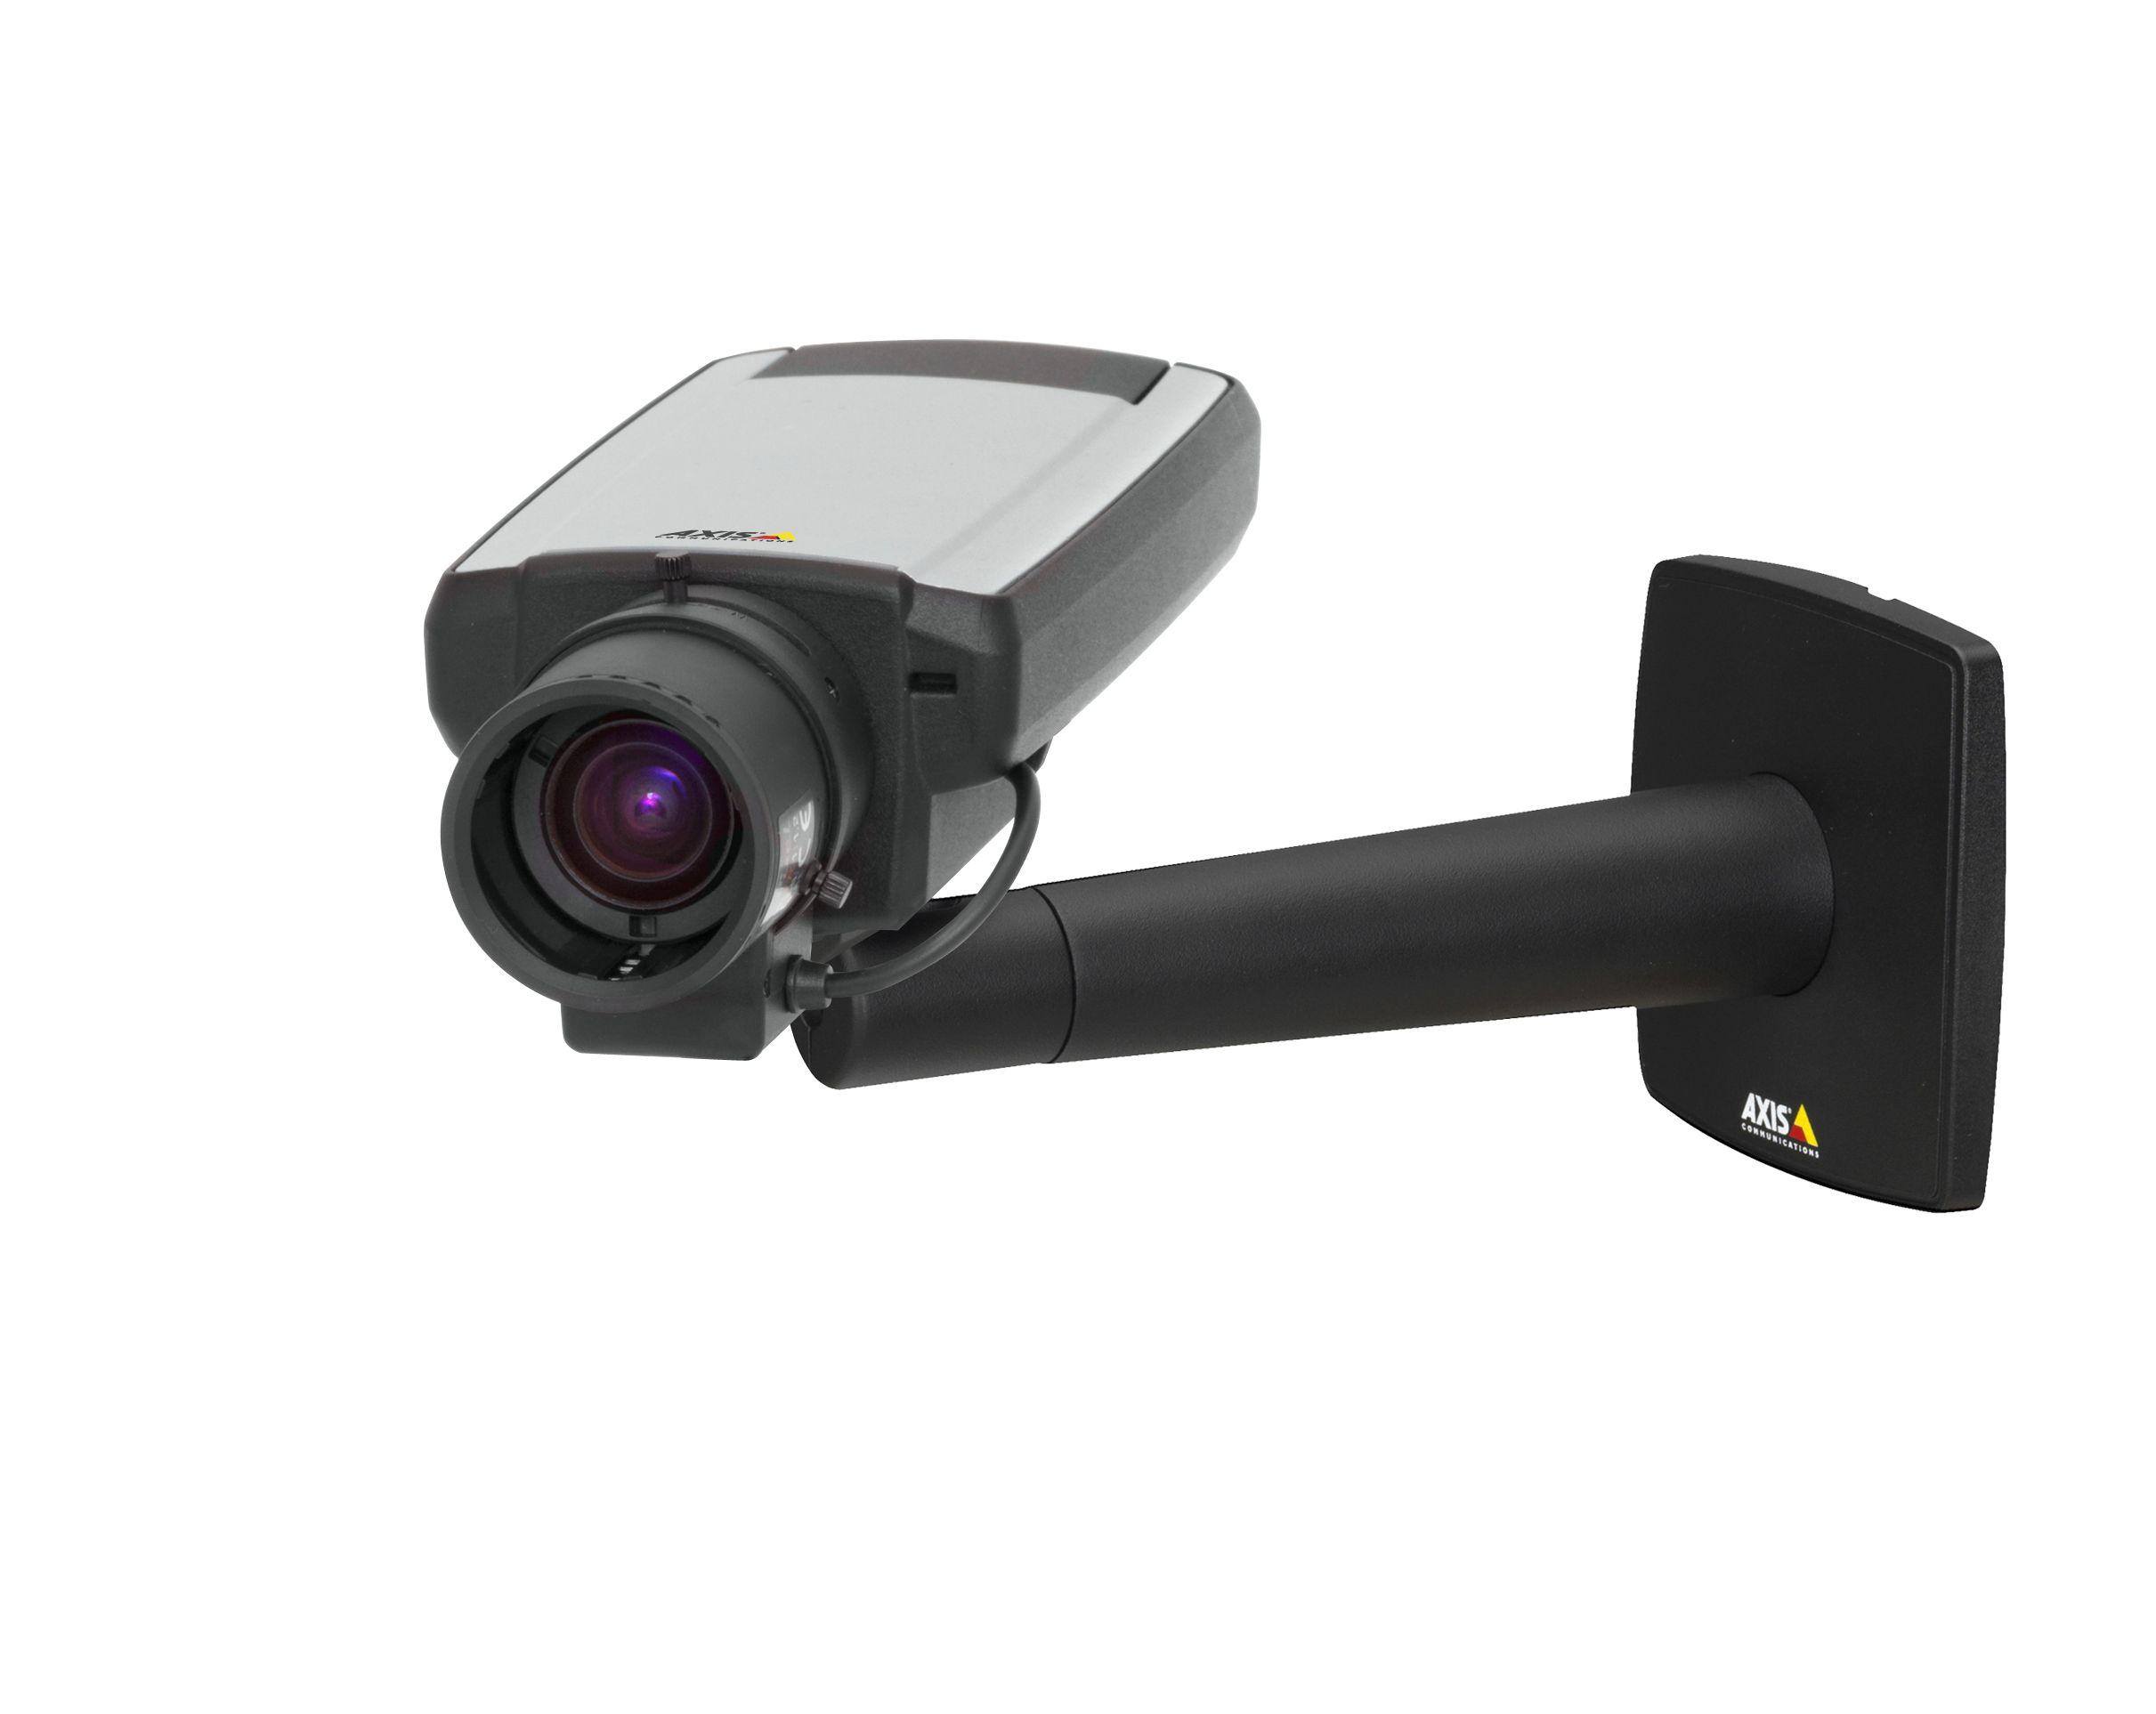 Axis presenta la telecamera di sorveglianza più sensibile alla luce sul mercato